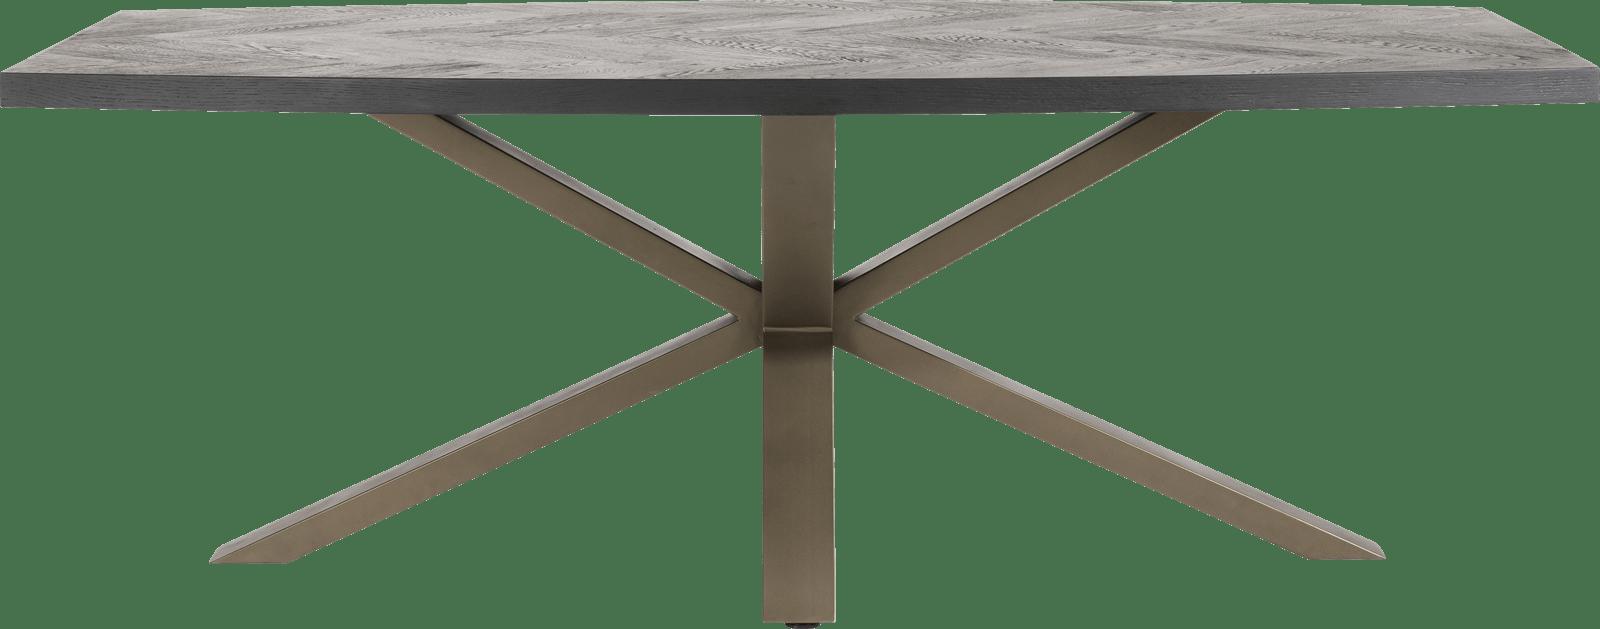 Henders & Hazel - Metaluxe - Industriel - table ovale 210 x 110 cm. - placage  fish bone